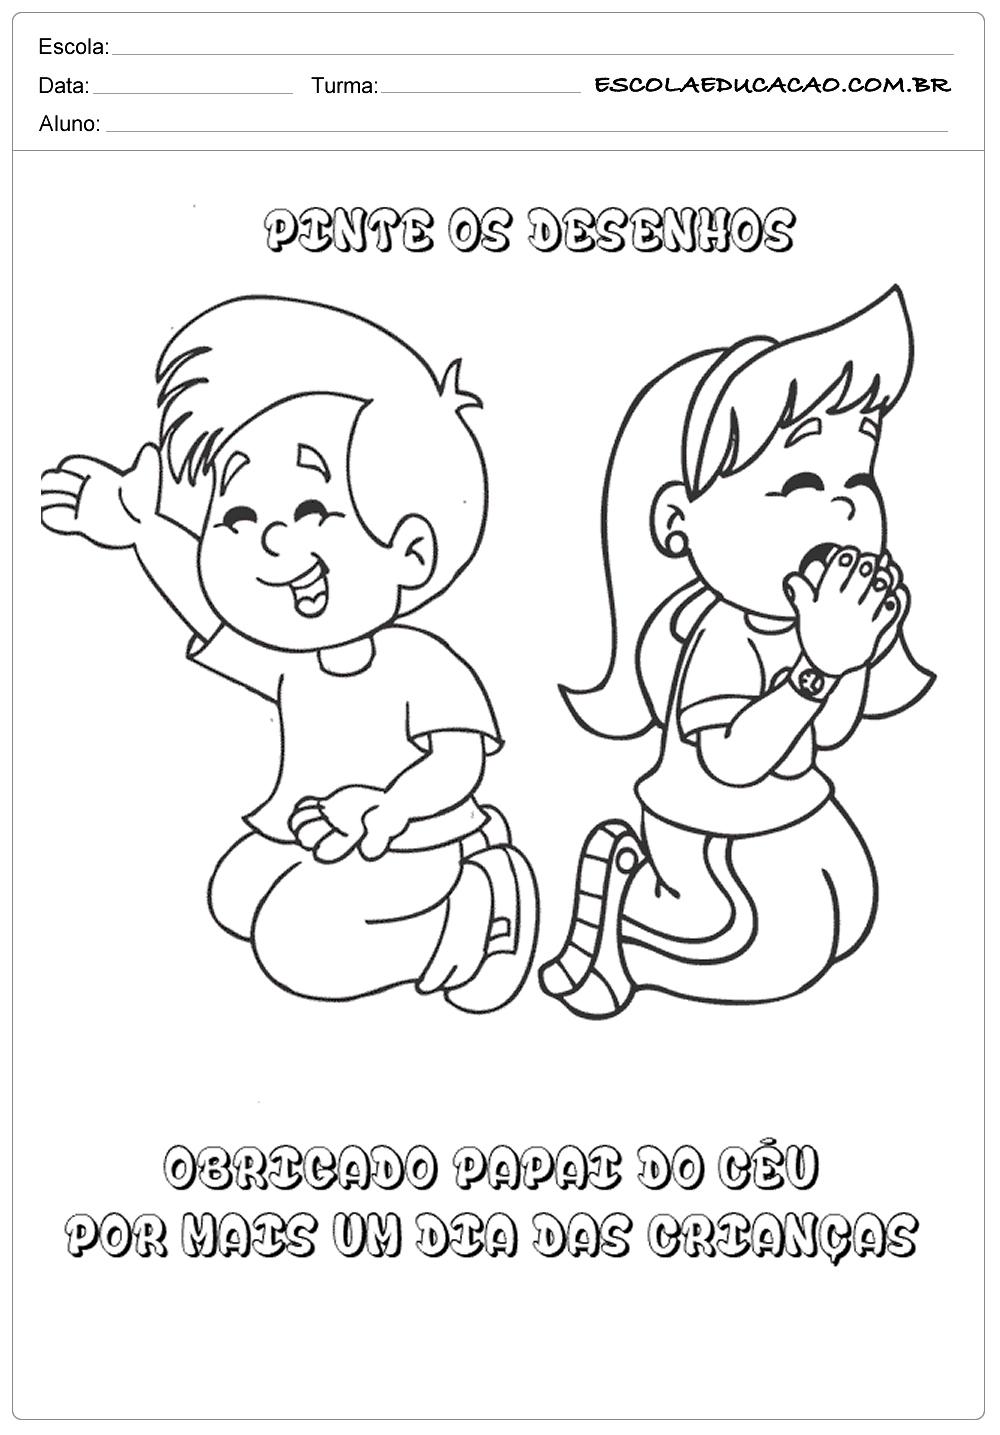 atividades ensino religioso pinte os desenhos escola educação